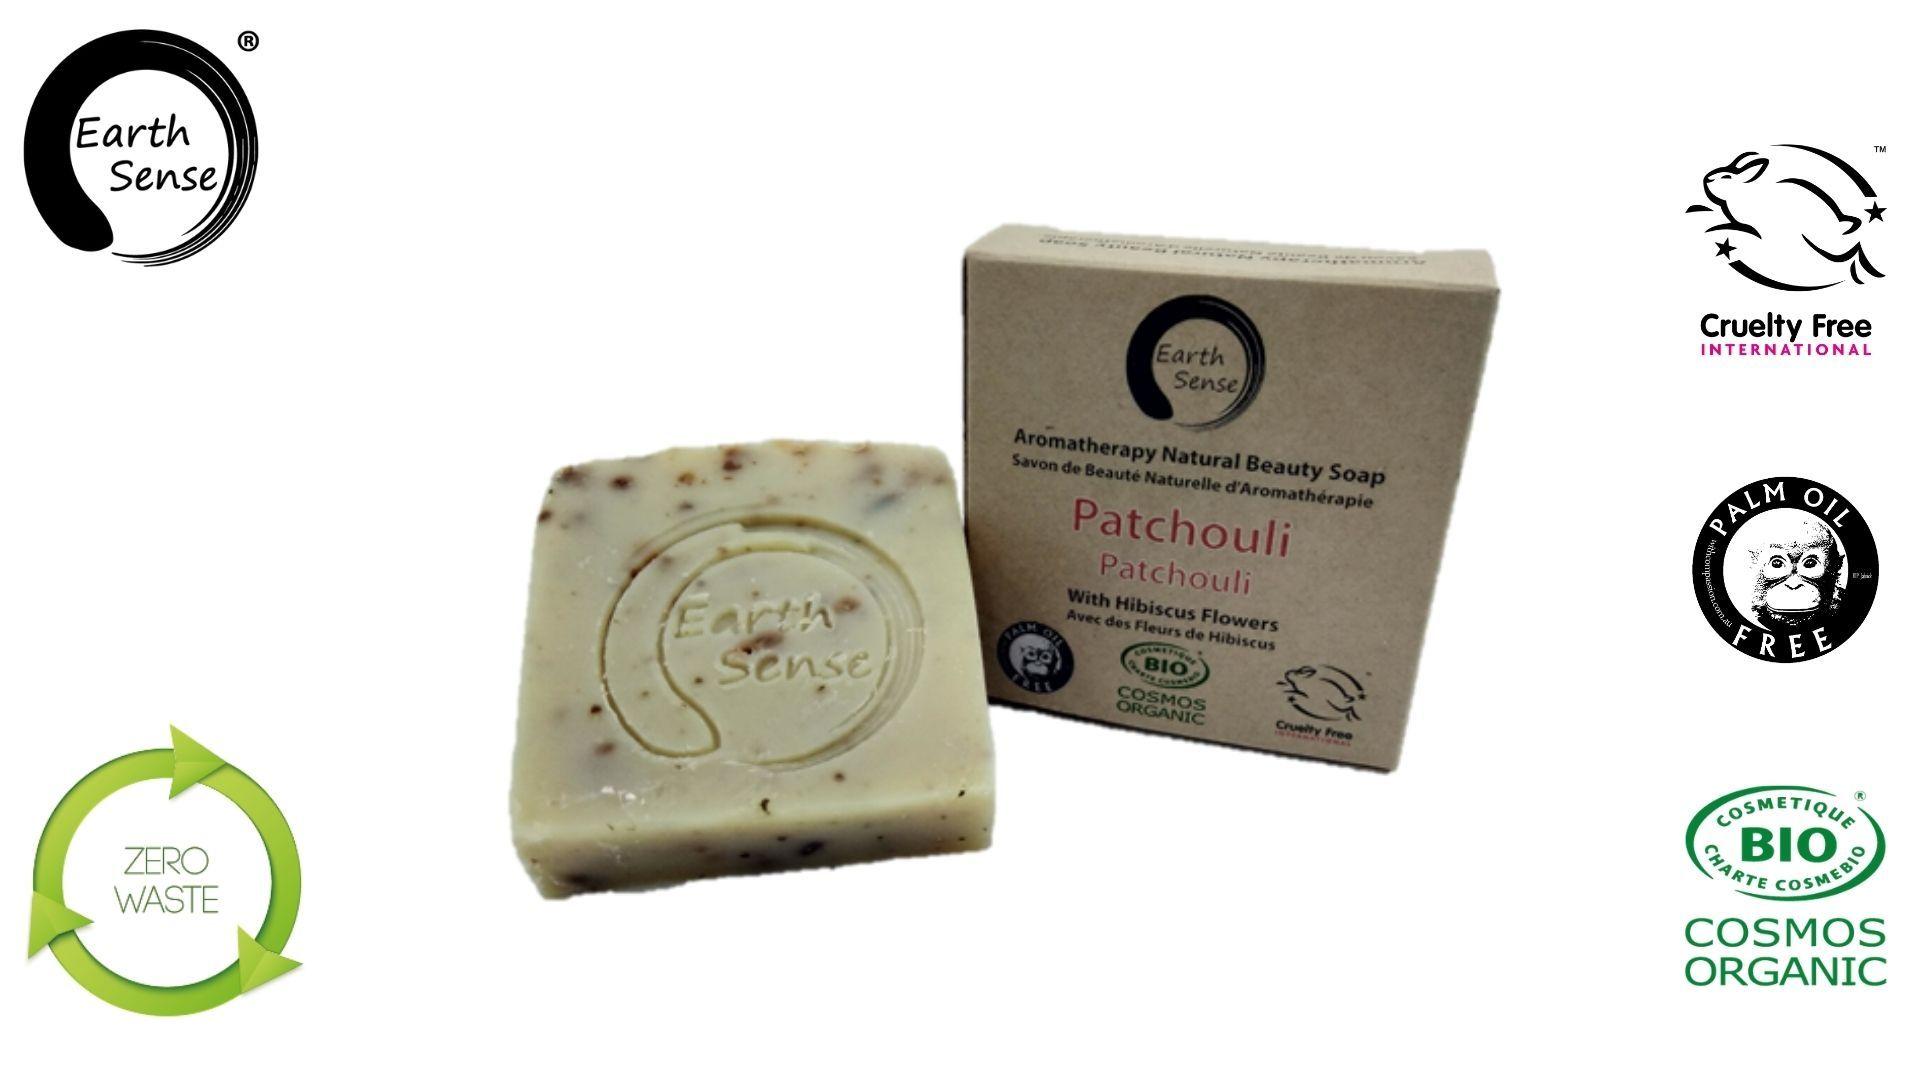 Earth sense organics - Savon Solide bio Patchouli aux Fleurs d'Hibiscus - 100g